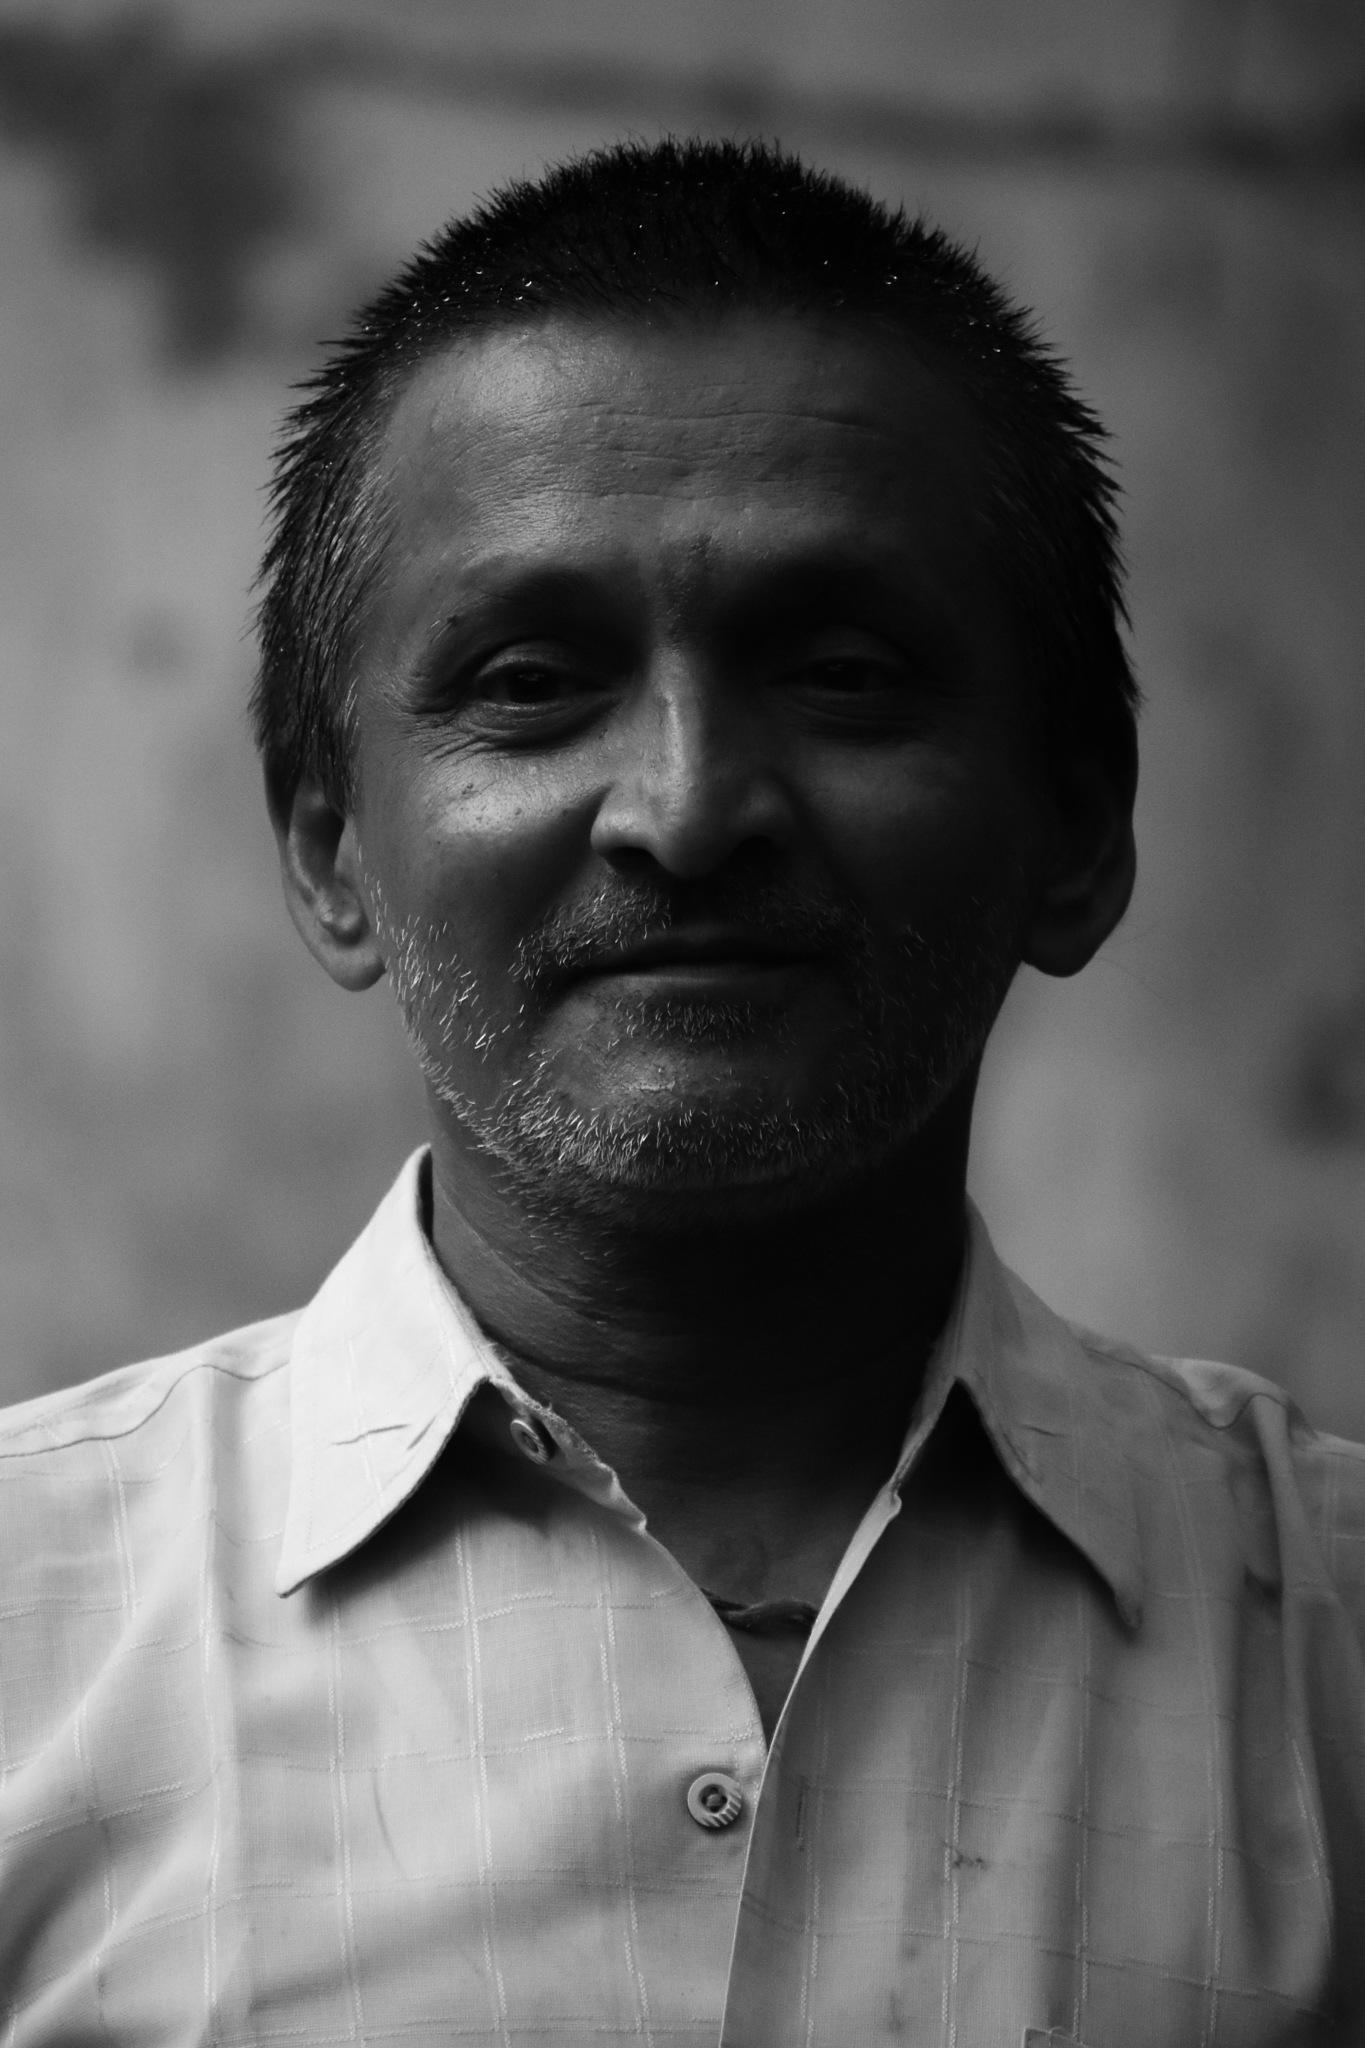 potrait by Harsh Patel